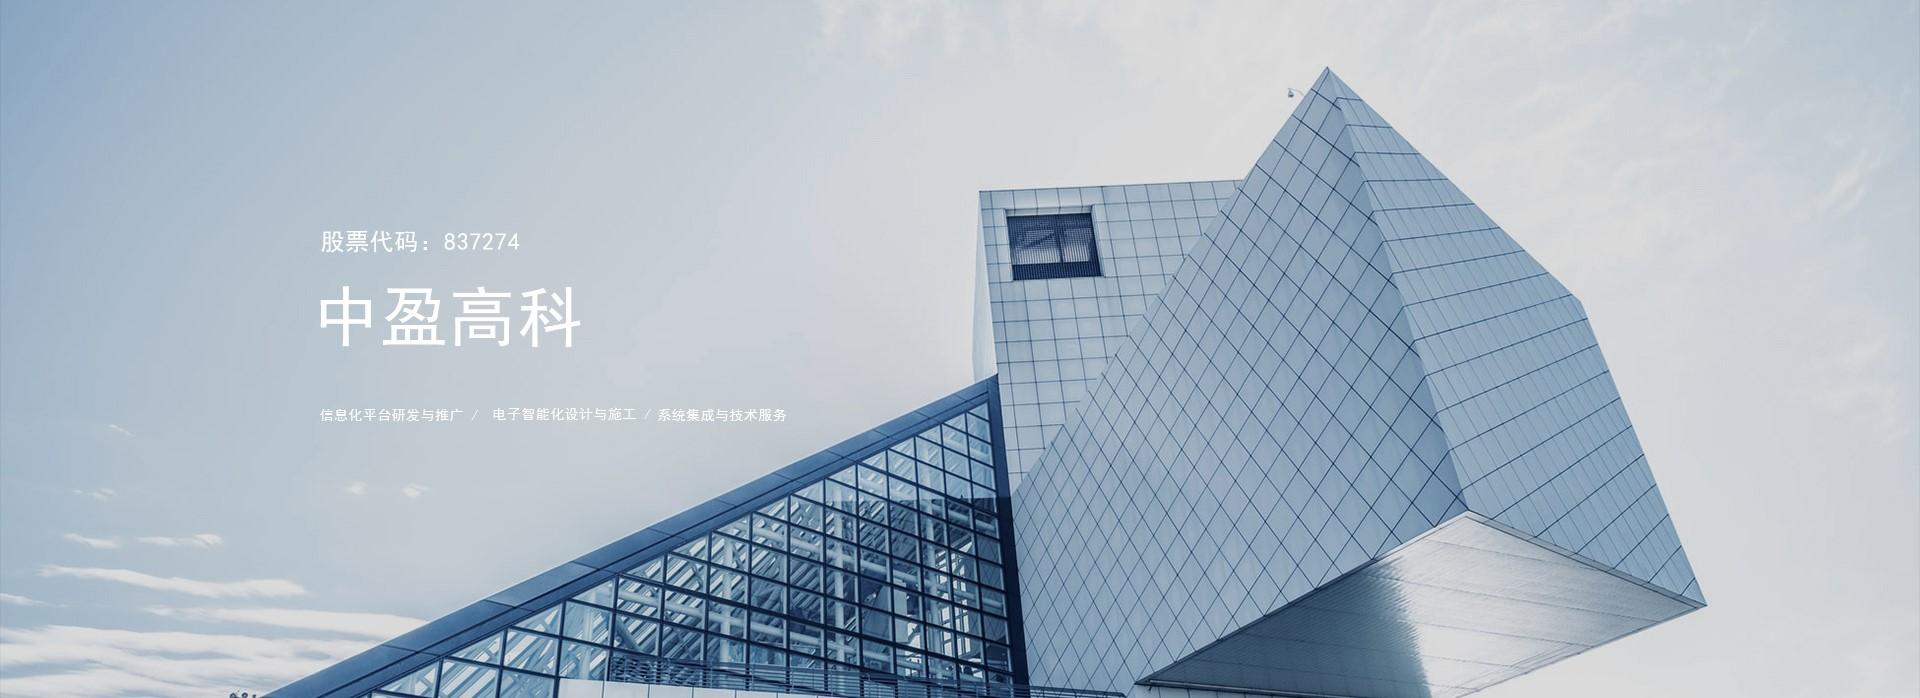 【首信软件】签约中盈高科,助力其打造工程项目全生命周期信息化管理平台